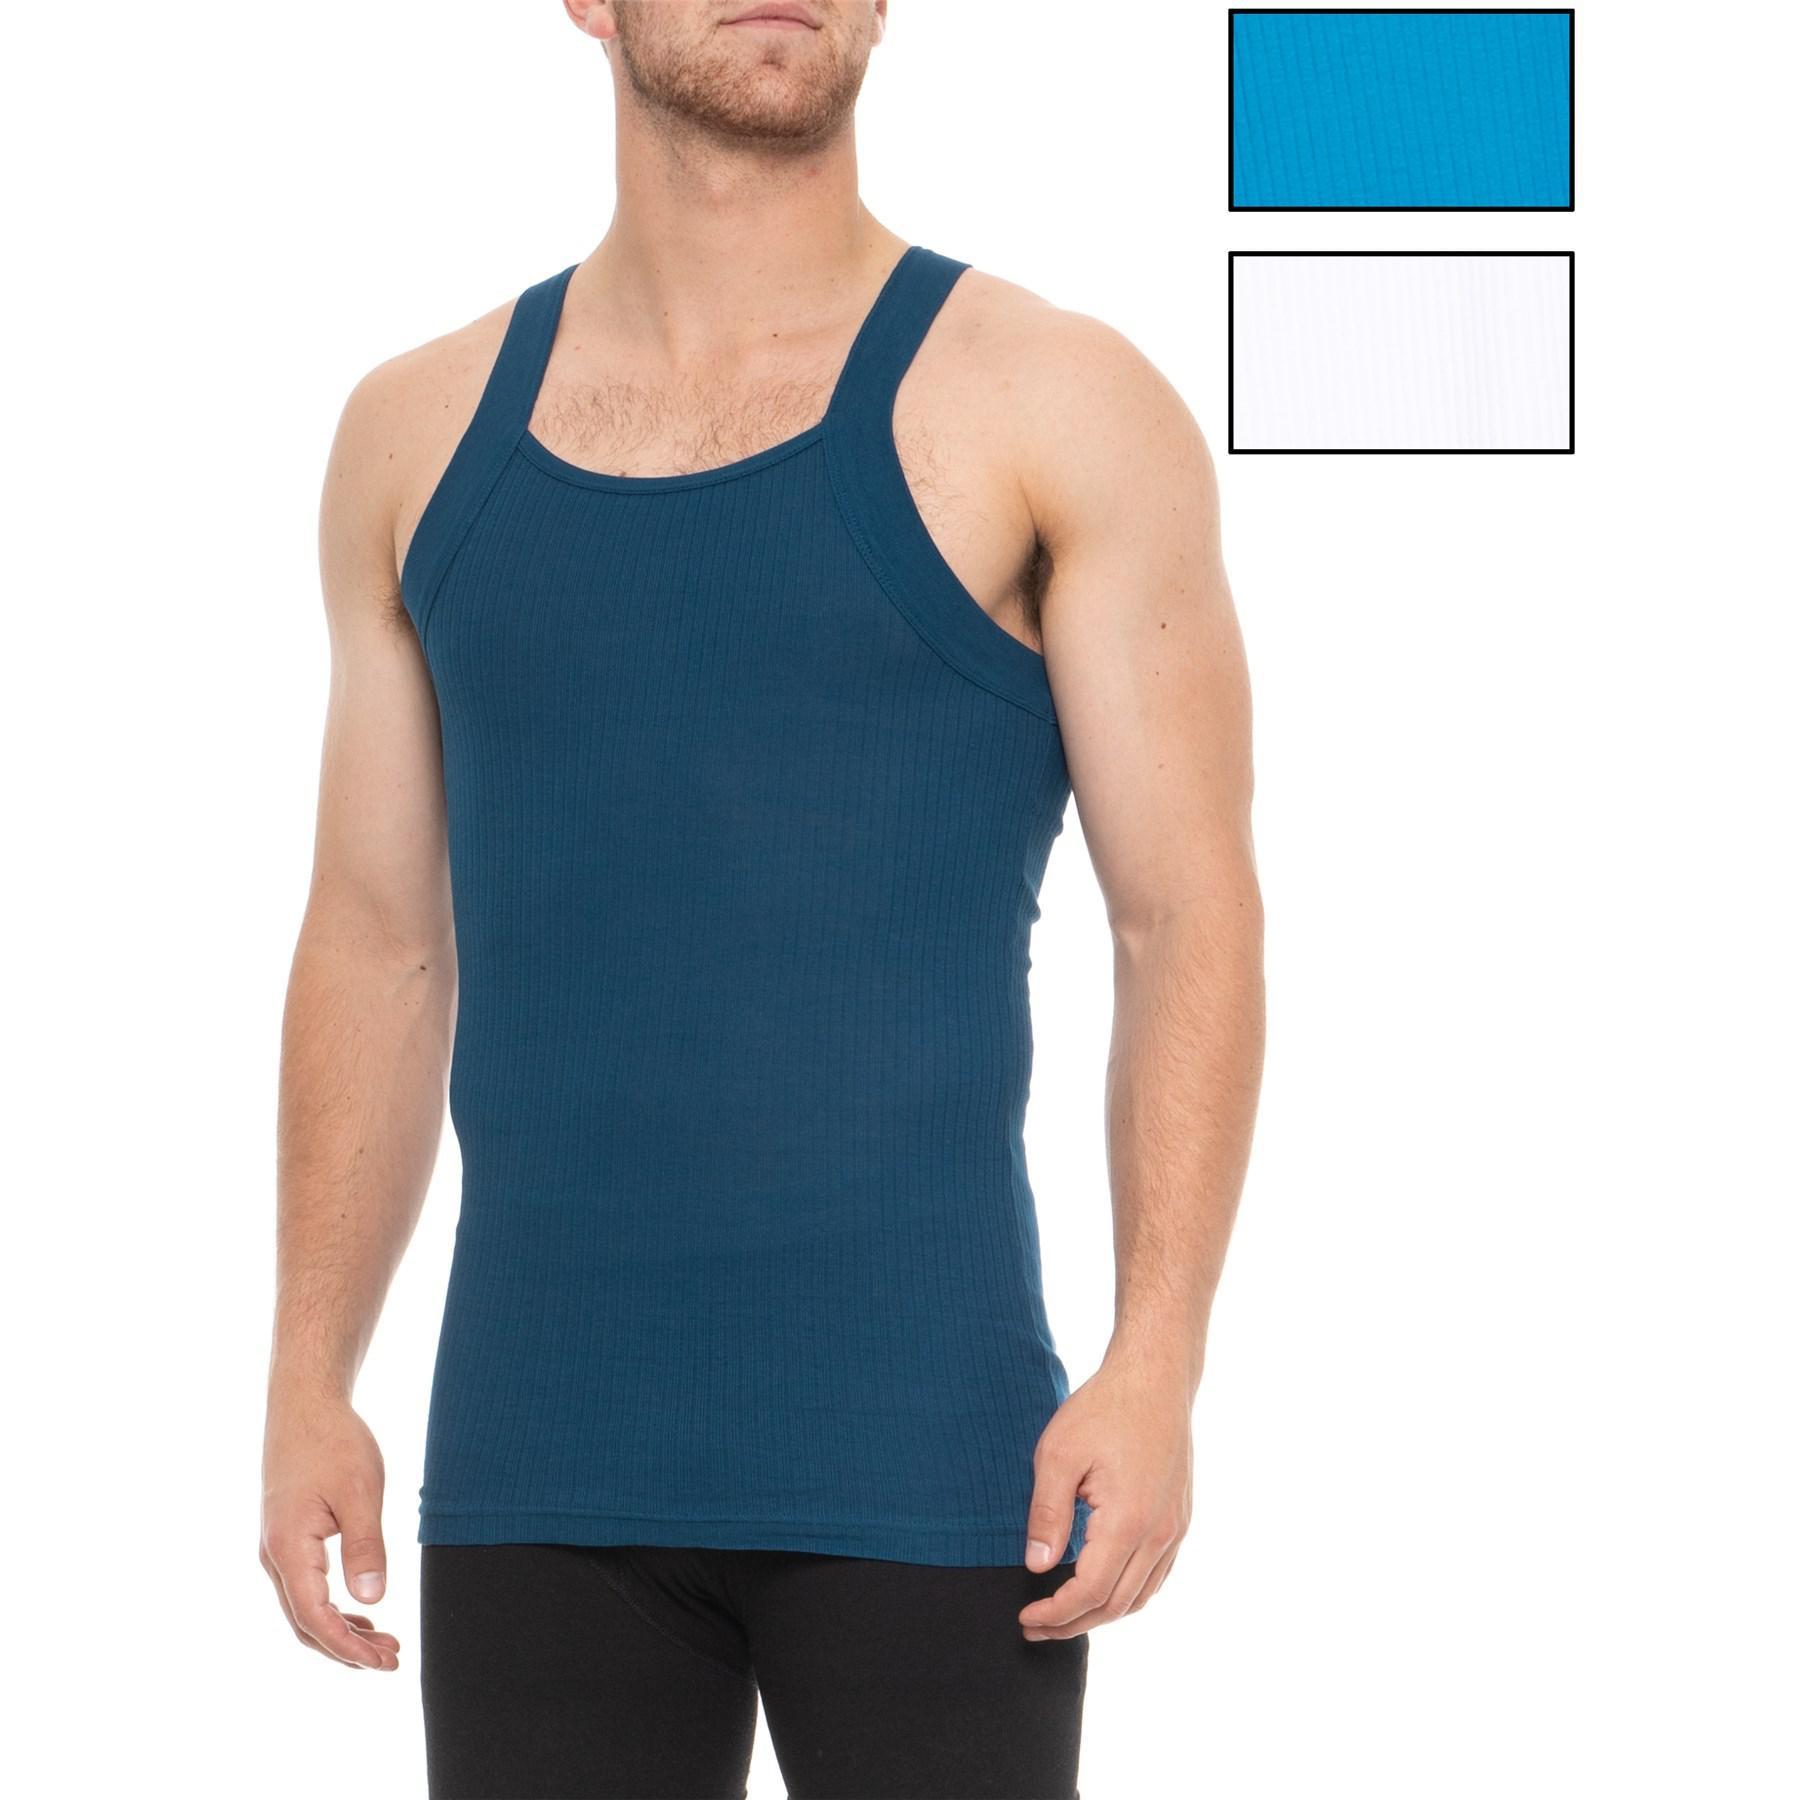 a2c3c932a5f1c Lyst - 2xist Essential Square-cut Tank Top in Blue for Men